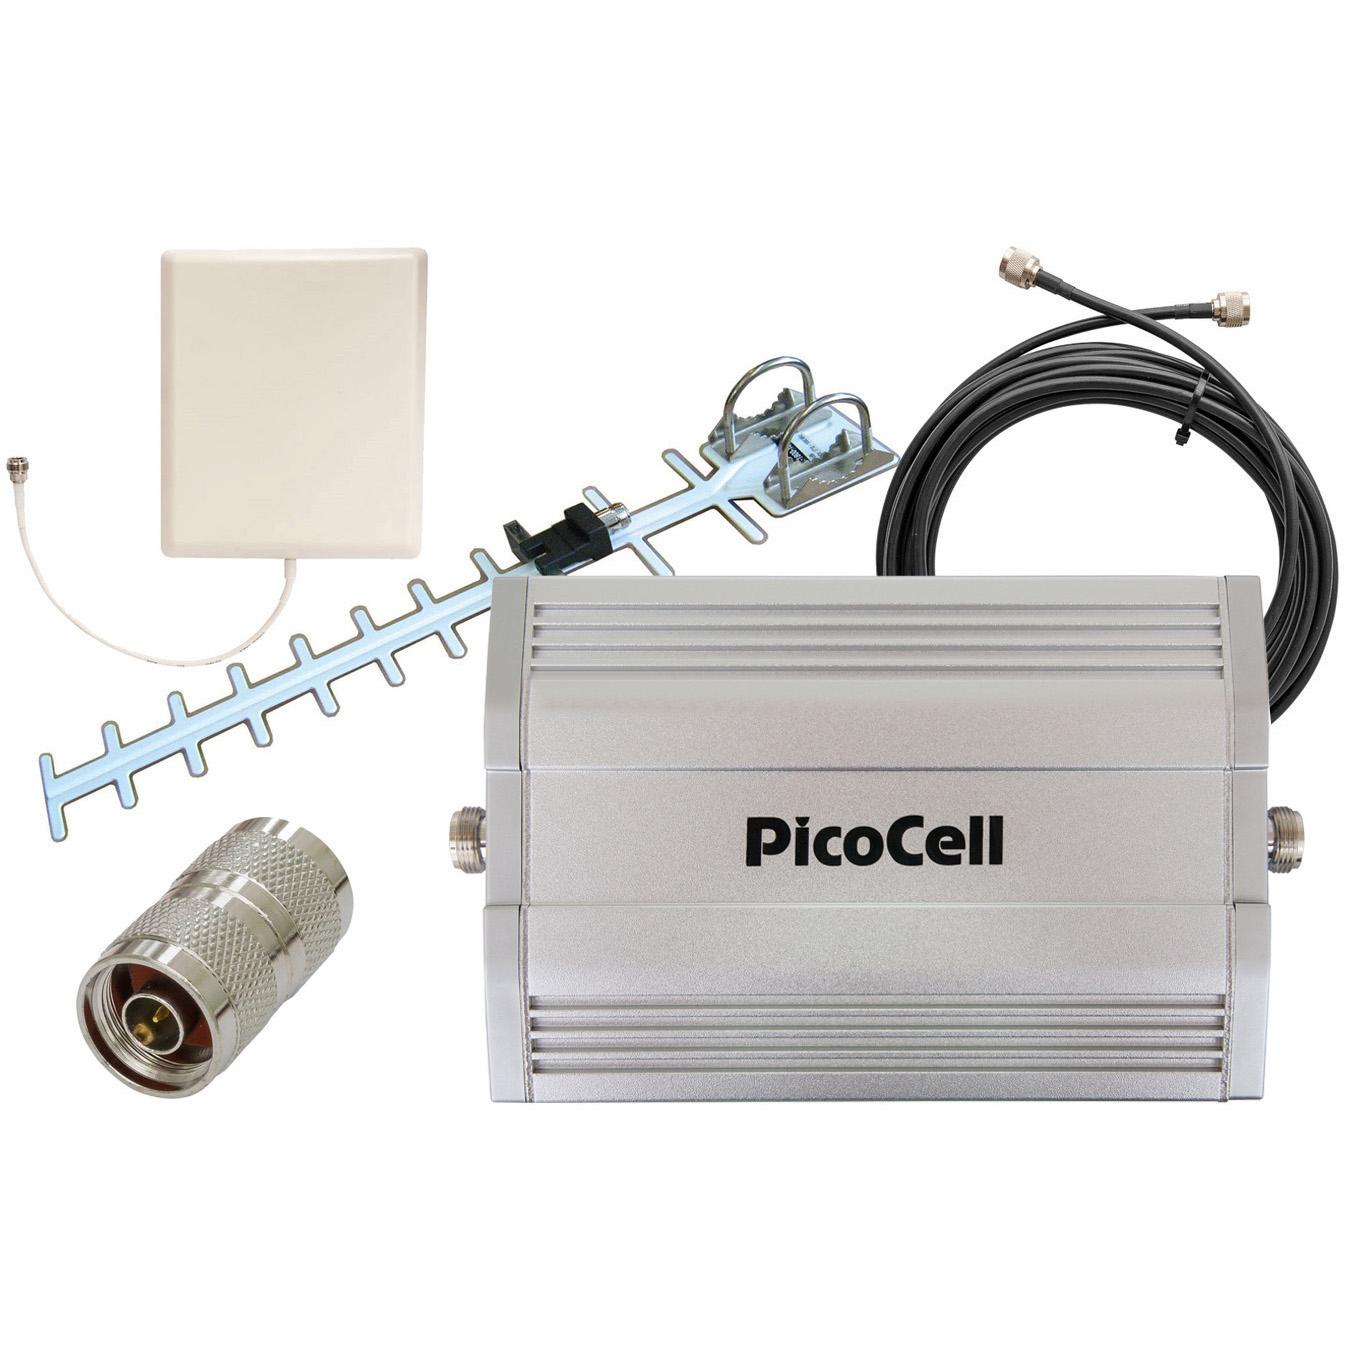 цена на Готовый комплект усиления сотовой связи PicoCell 2000 SXB+ (LITE 5) (+ Кронштейн в подарок!)